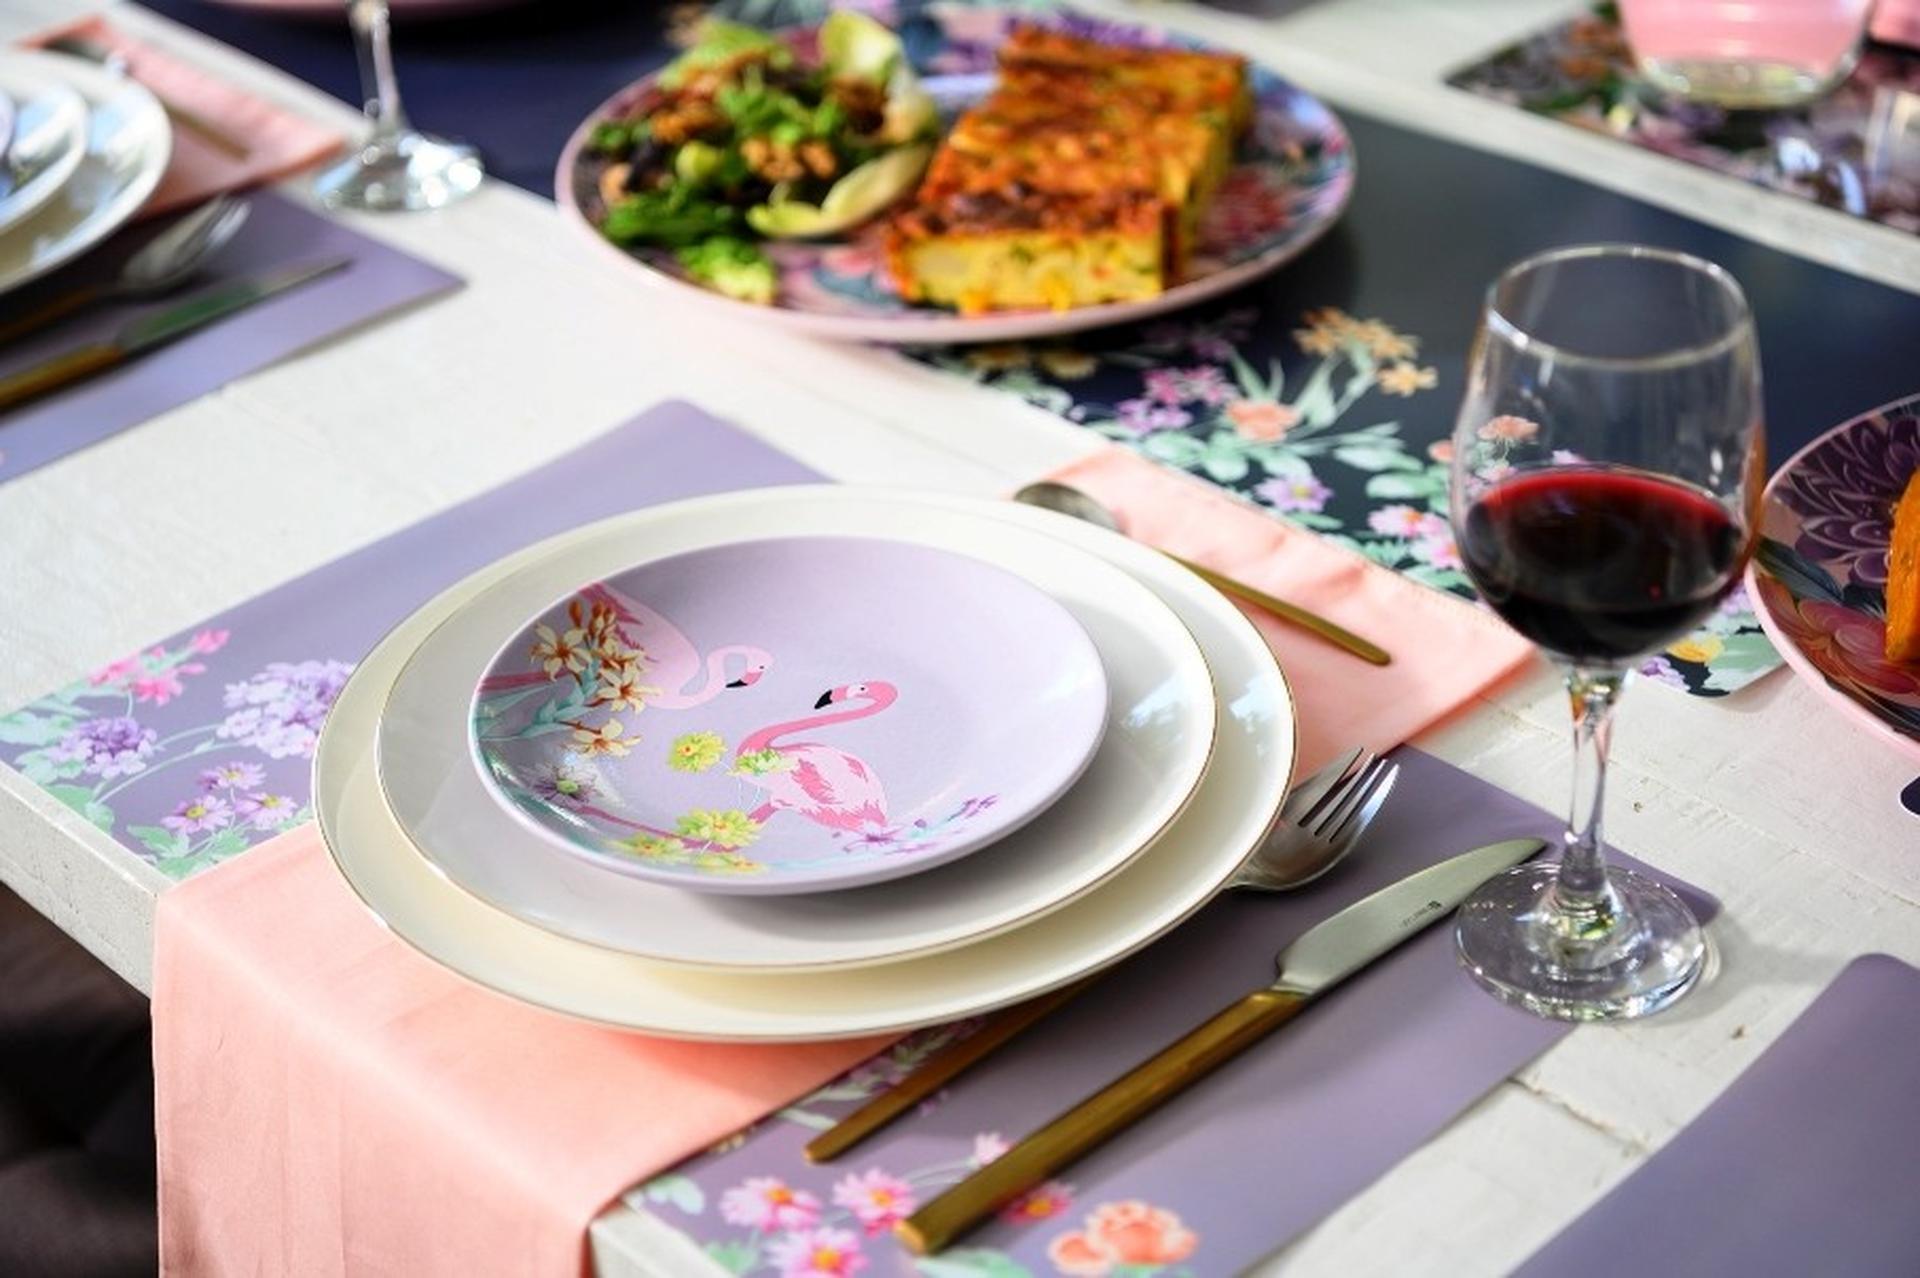 נעמן צבעוניות בשולחן החג סדרת פלורלס. צילום: תמי בר שי ודן לב